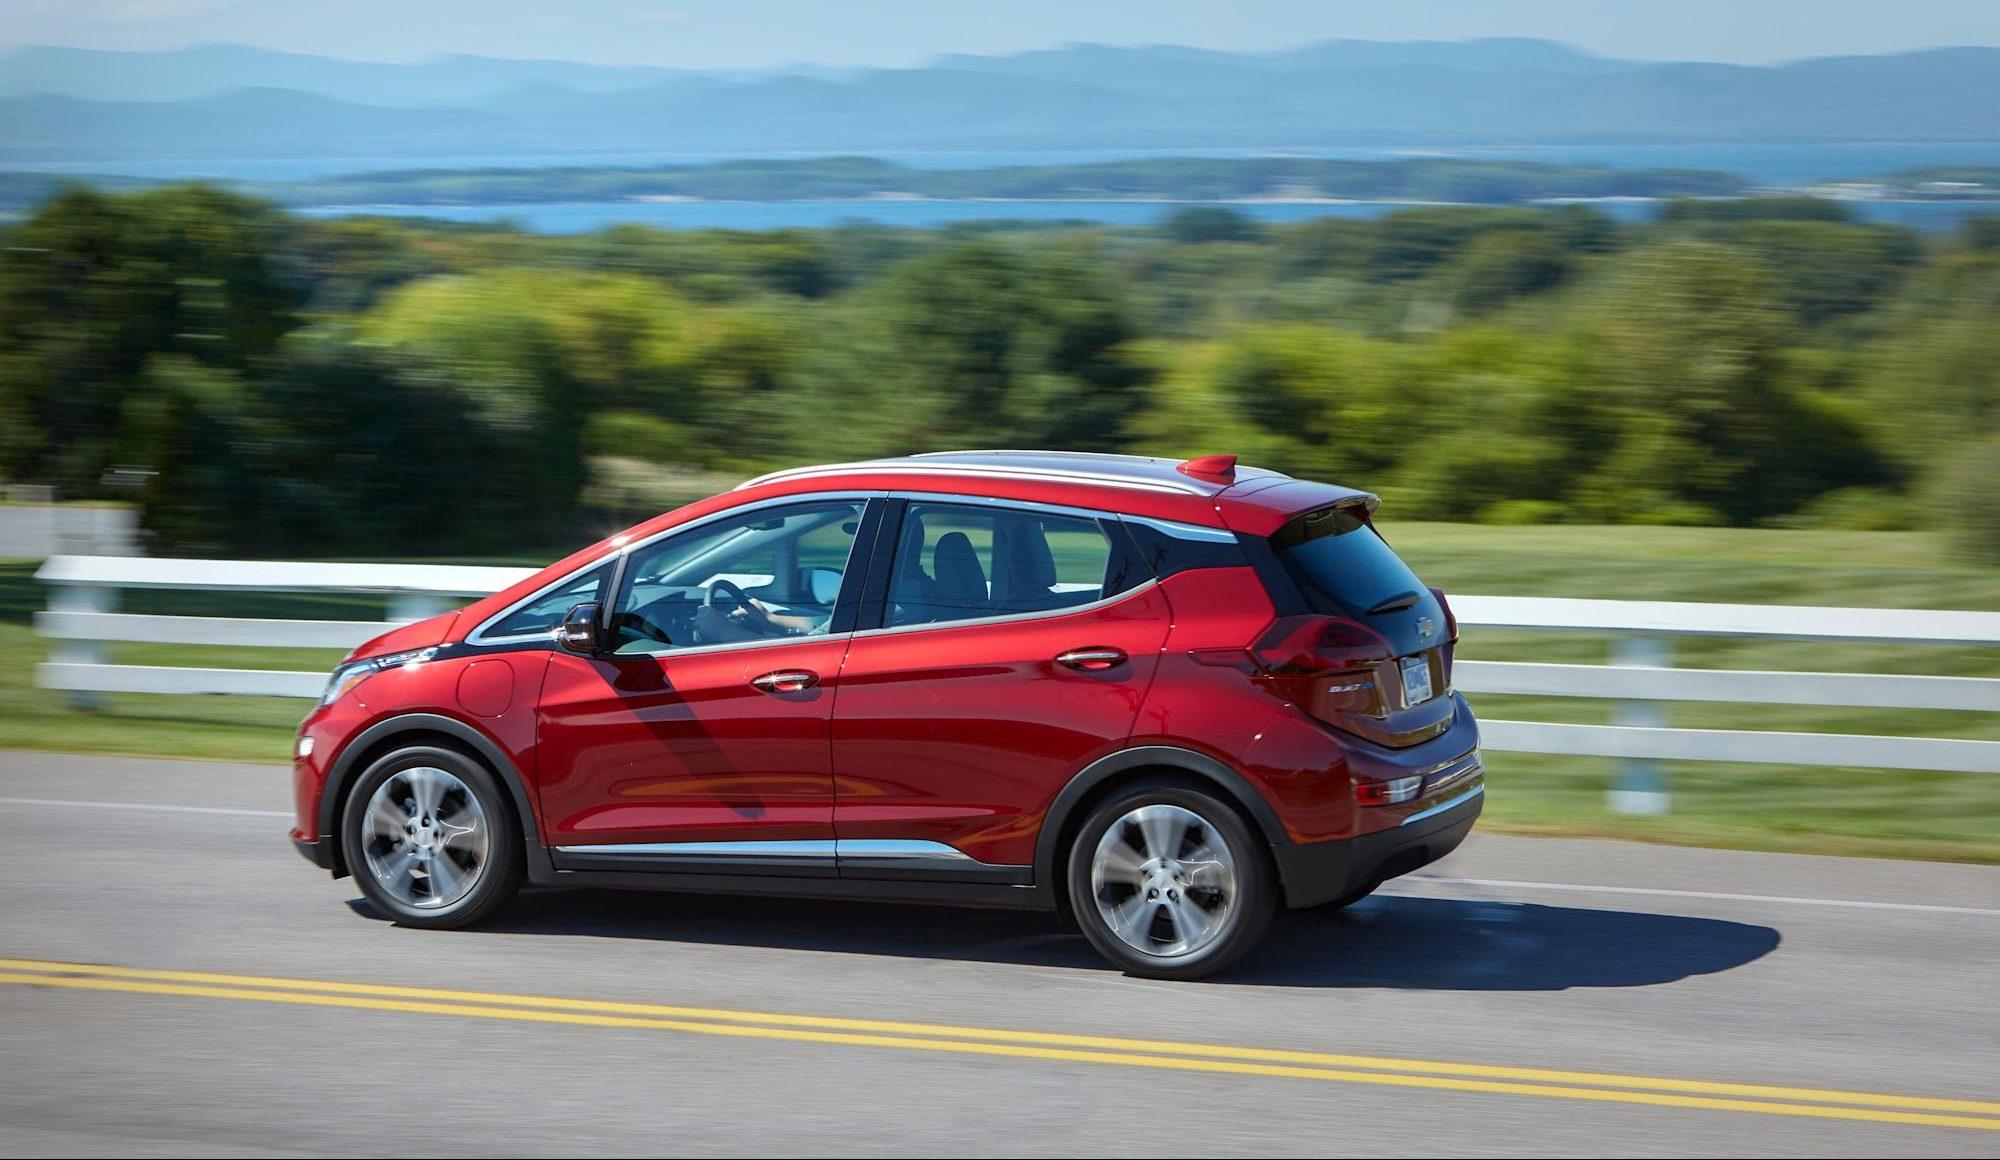 GM выпускает предупреждение о безопасности для отозванных единиц Bolt EV из-за потенциального риска пожара